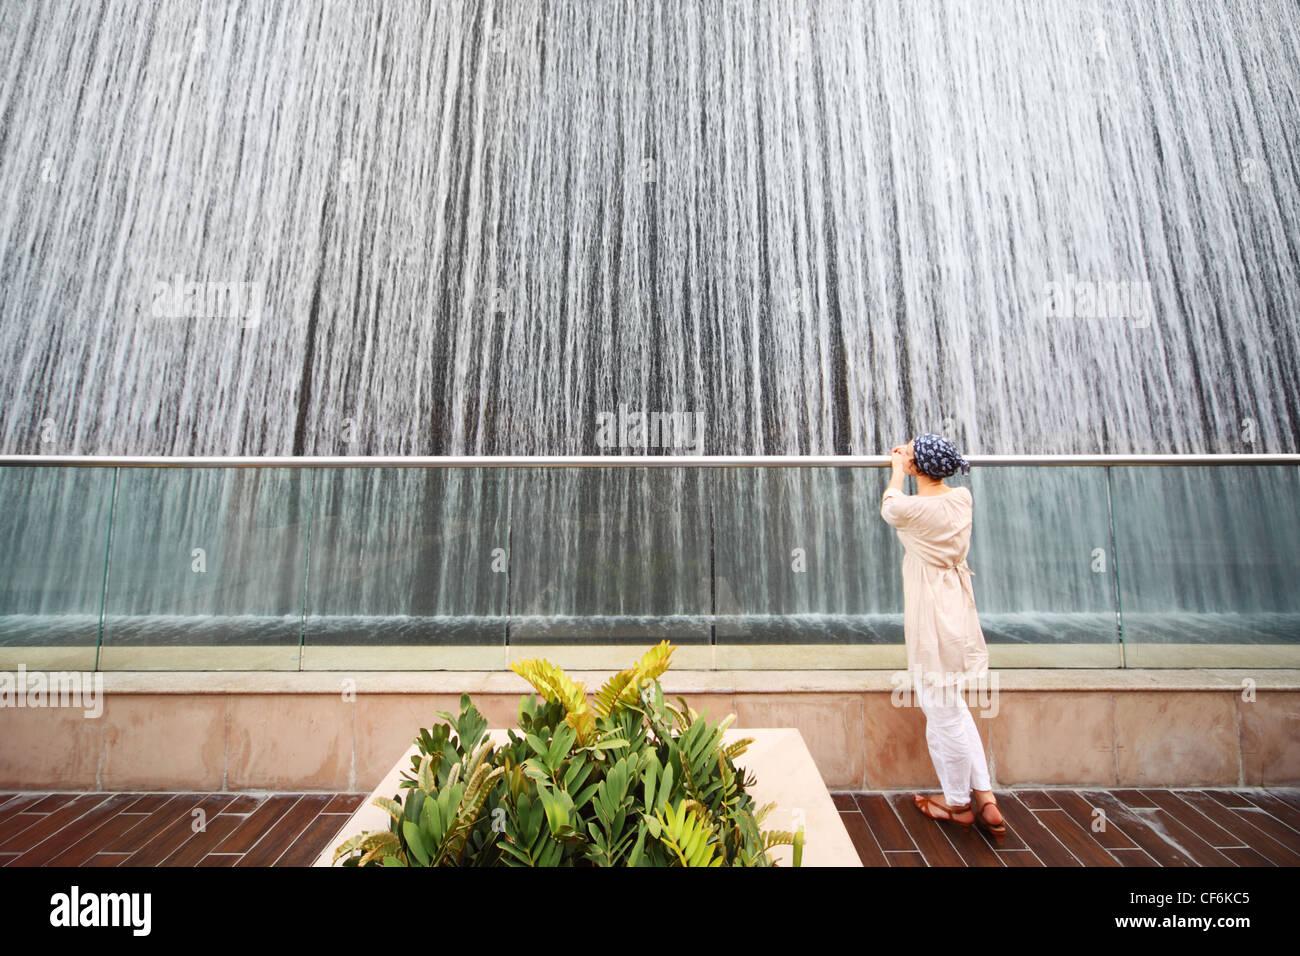 junge Schönheit Frau in weißem Hemd Stand in der Nähe großer Brunnen, Ganzkörper Stockbild